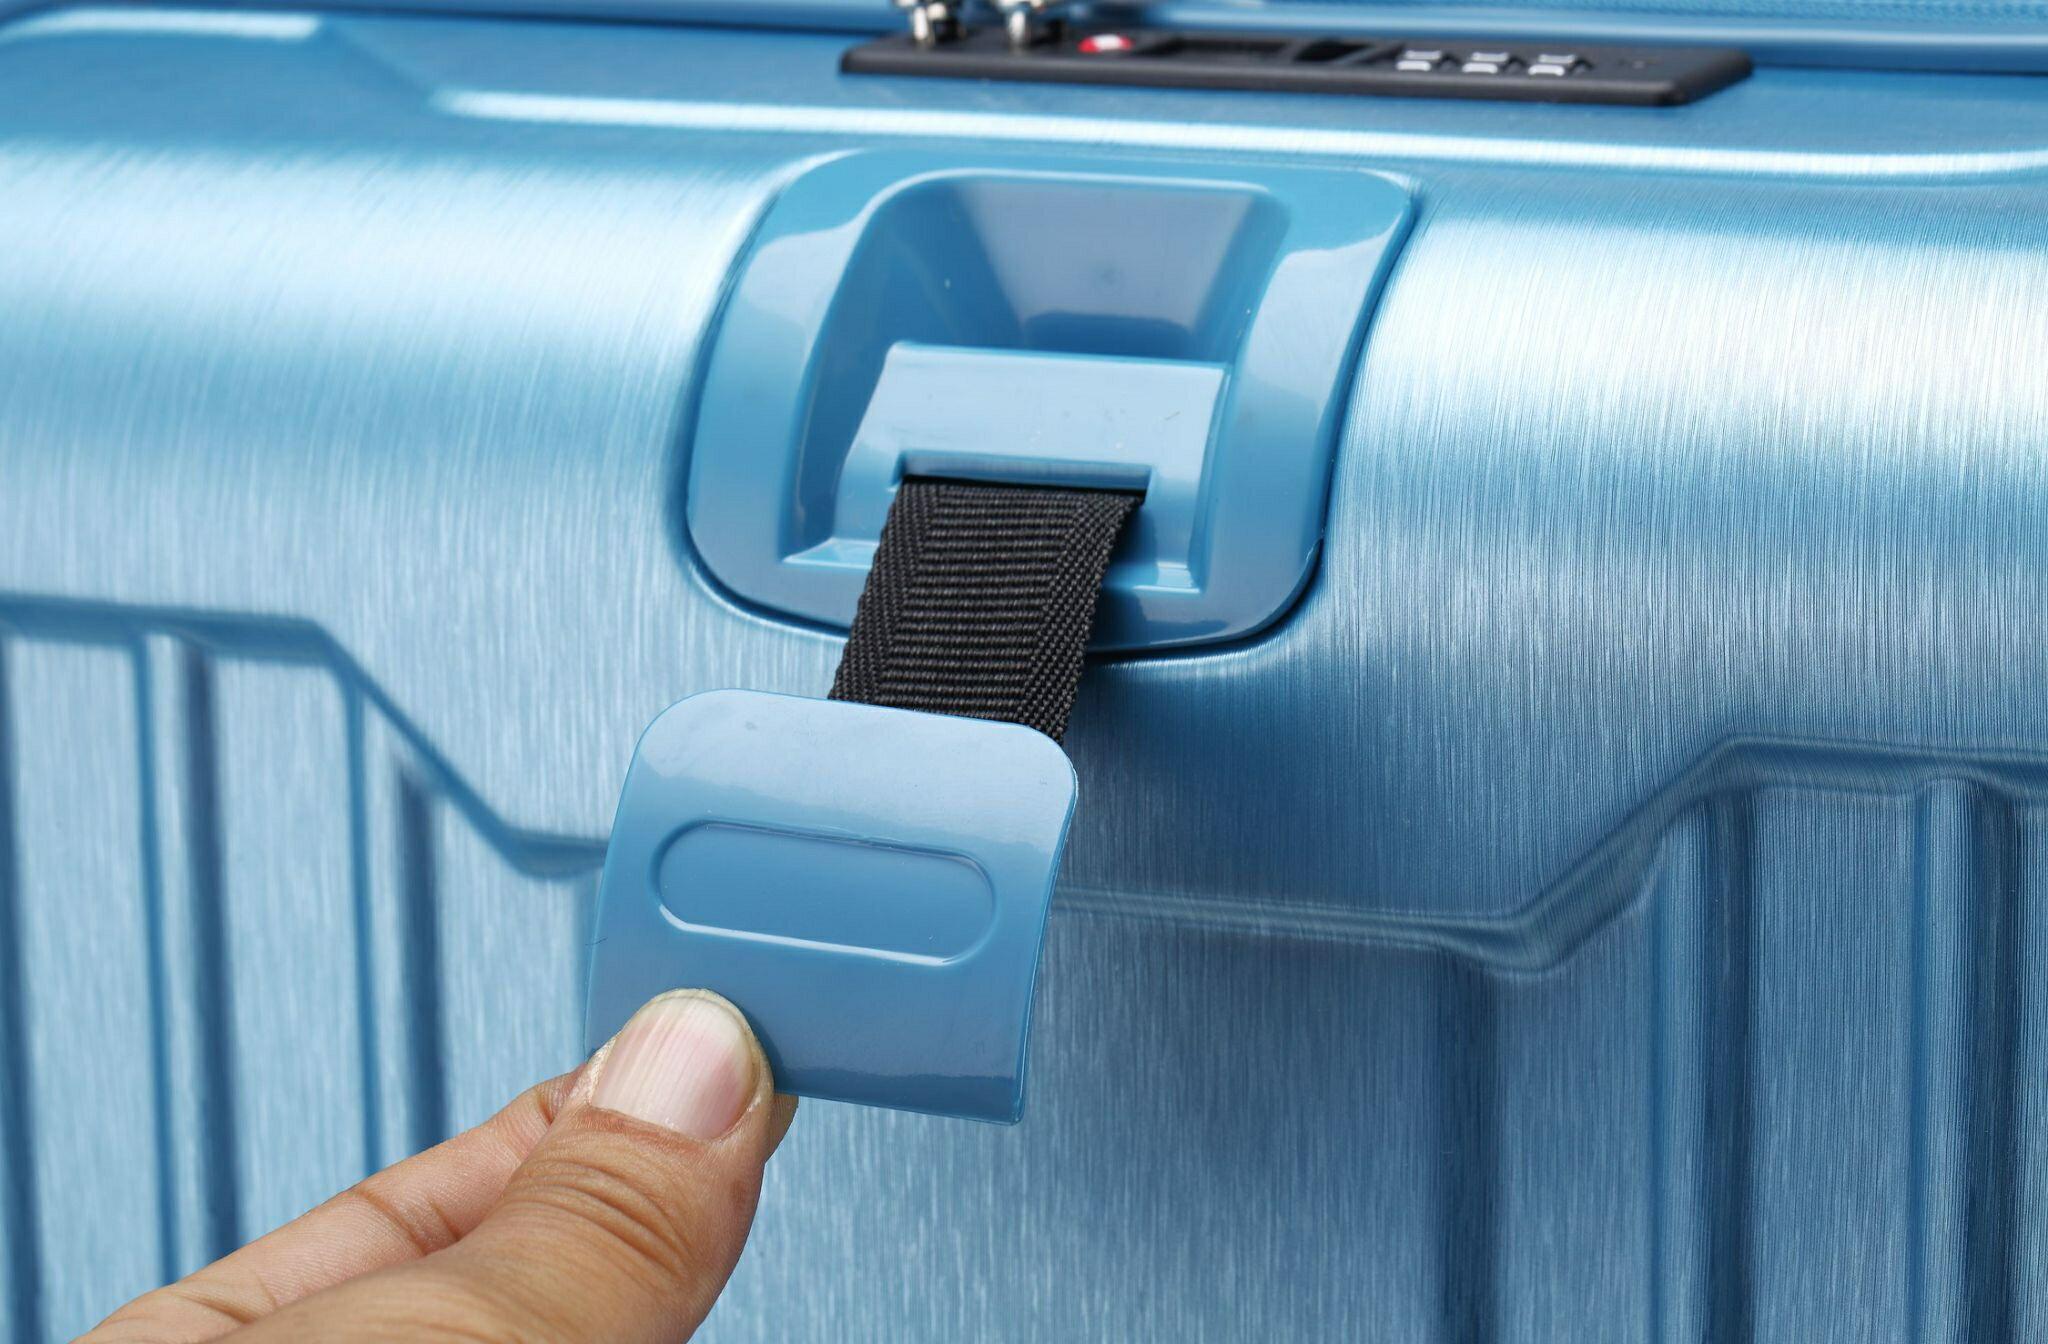 運動款 拉鍊 胖胖箱 旅行箱 20吋25吋29吋 行李箱 -鐵灰色 / 深紫色 / 玫瑰金-現貨當日出貨-免運台南可預約自取 8